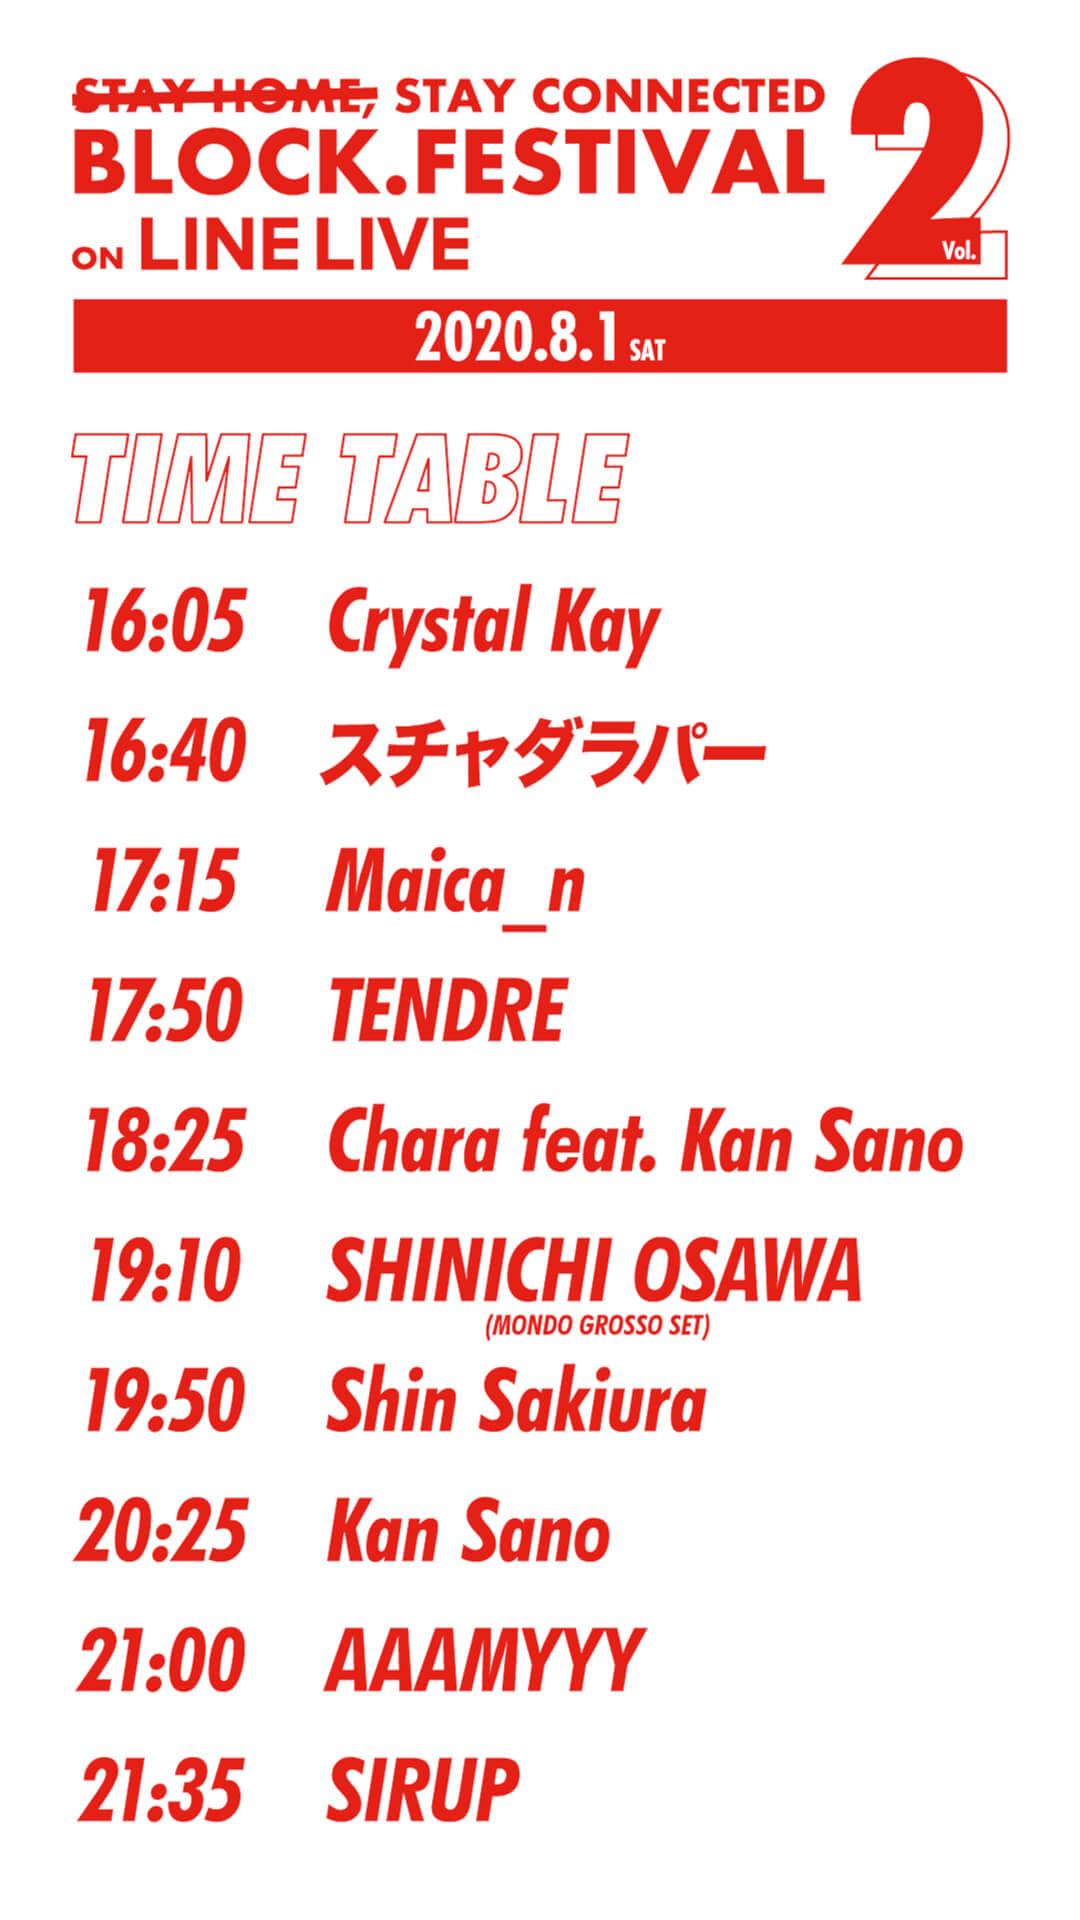 オンラインフェス<BLOCK.FESTIVAL Vol.2>にSHINICHI OSAWA、スチャダラパーらが追加&タイムスケジュールも公開!当日はリアル花火など特別企画も music2020729_blockfes9-2